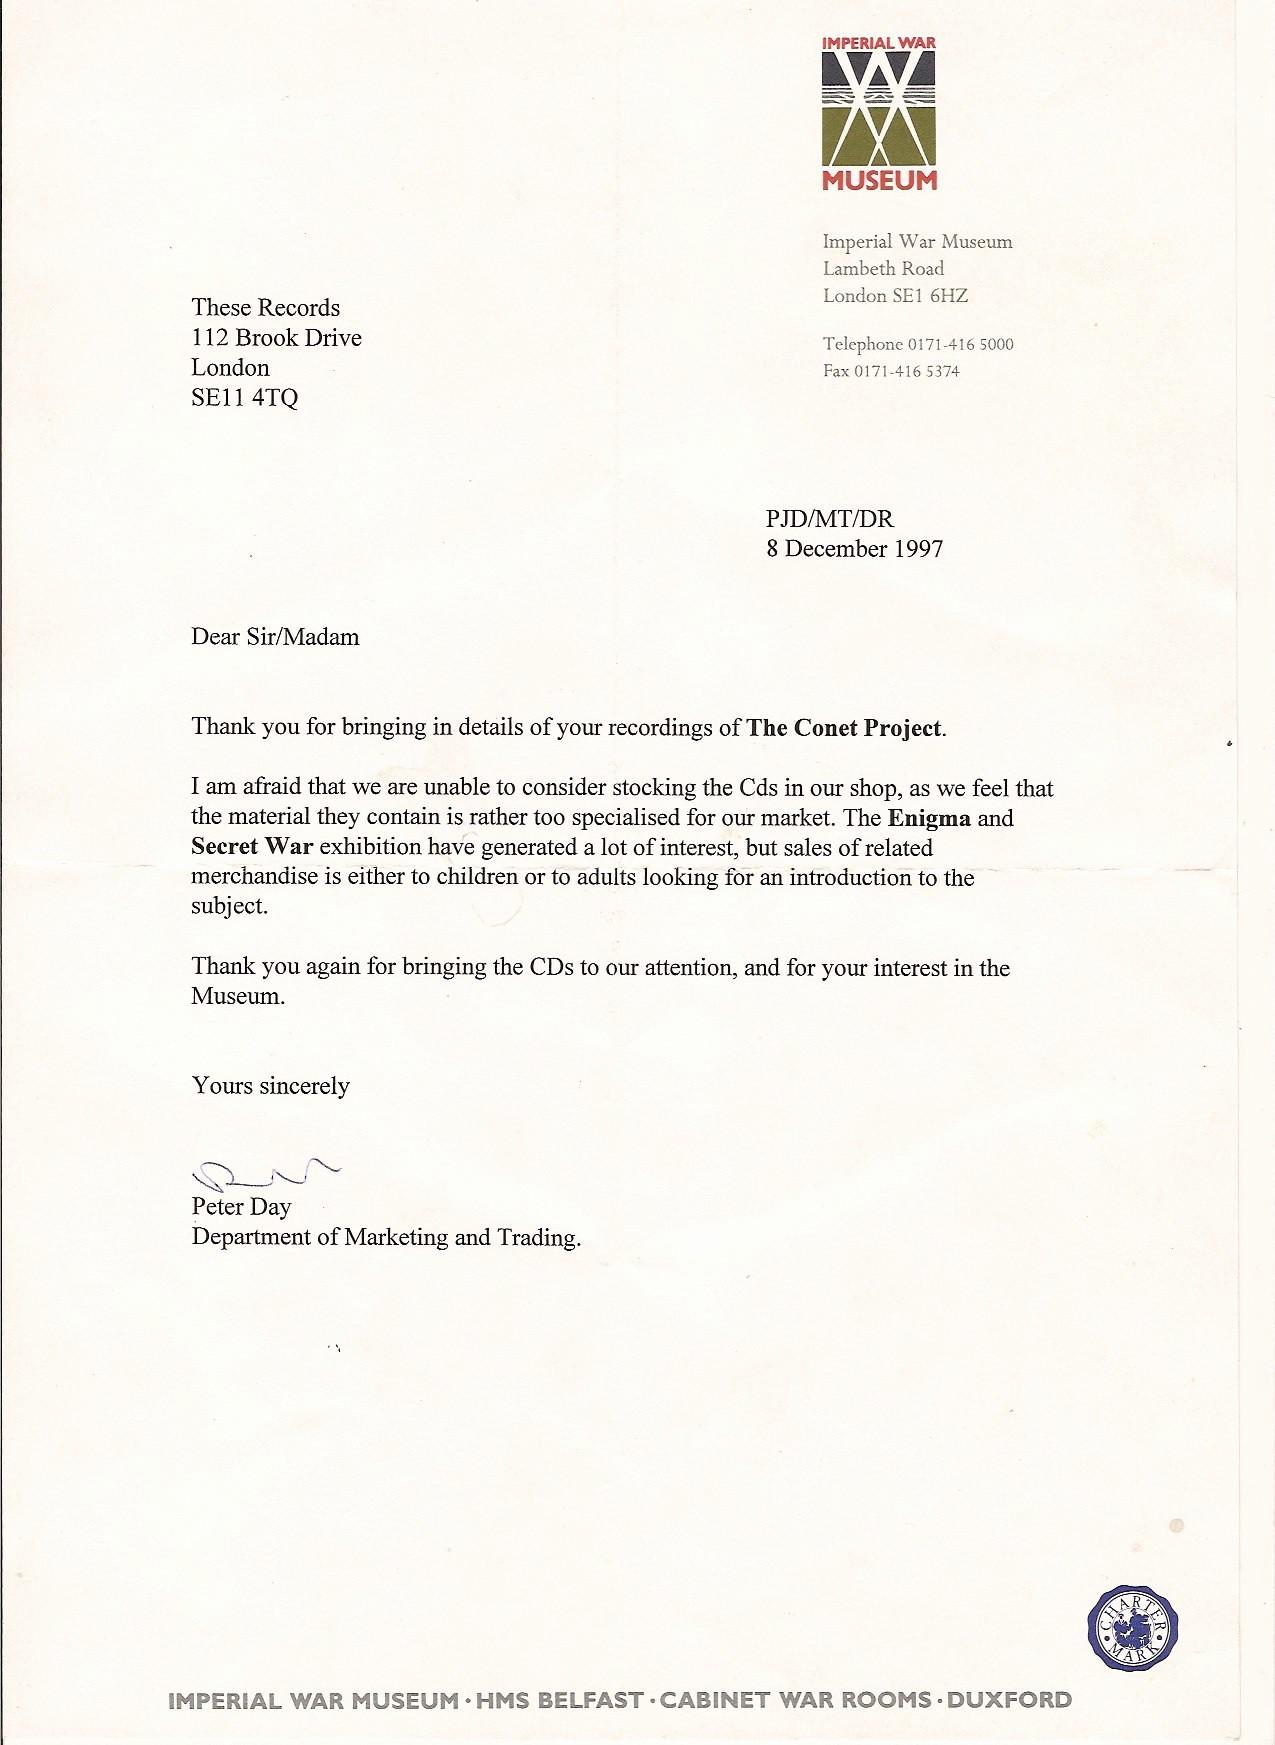 Sample Letter Of Reimbursement Money Fresh Claim Money Letter Sample